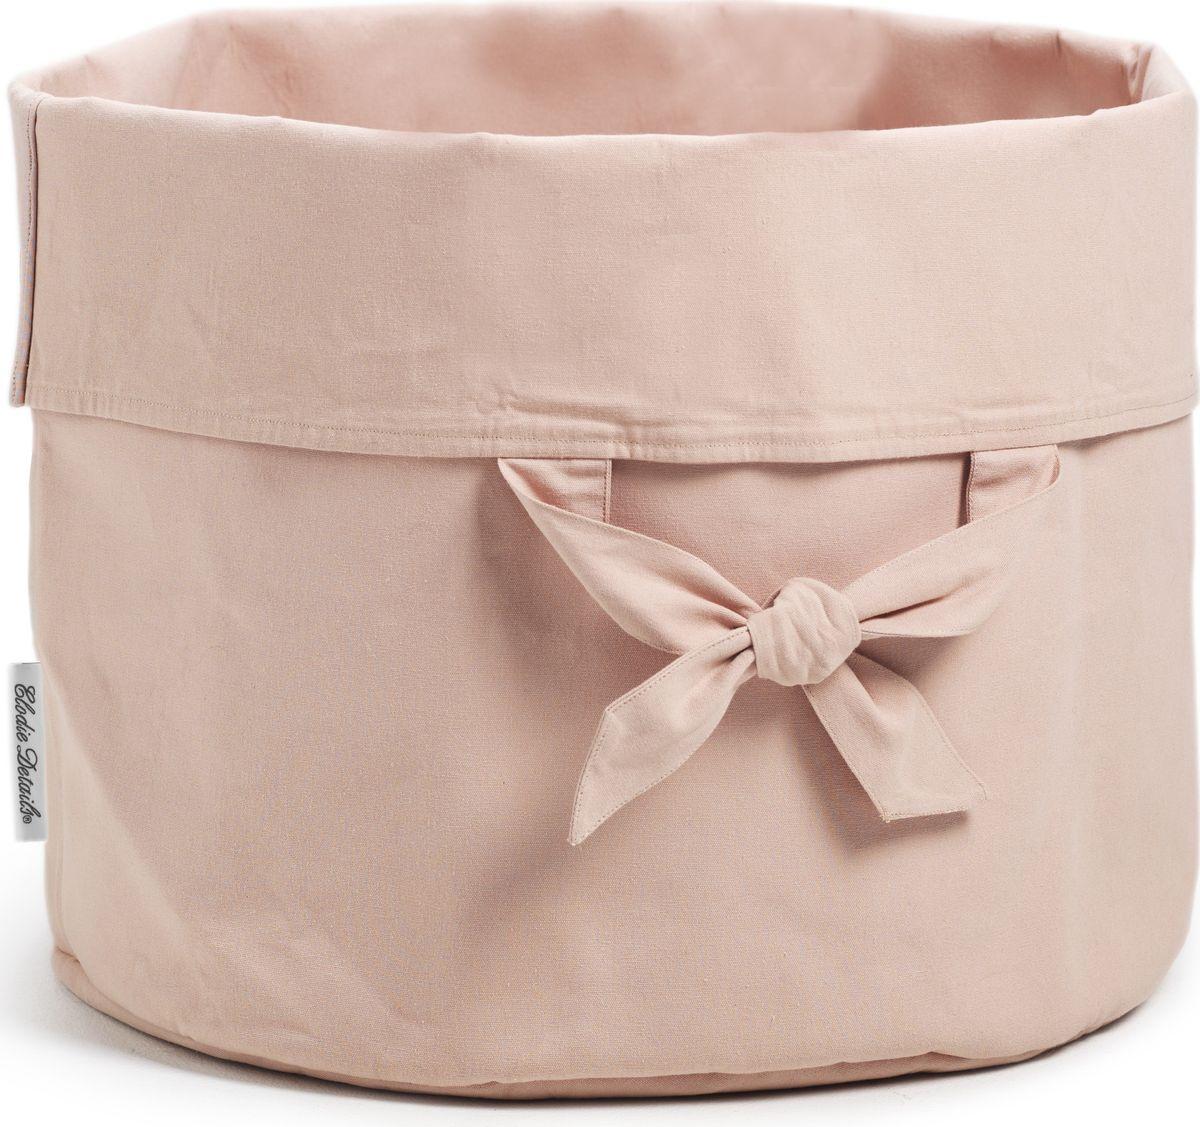 Elodie Details Корзина для детских принадлежностей Powder Pink -  Товары для хранения